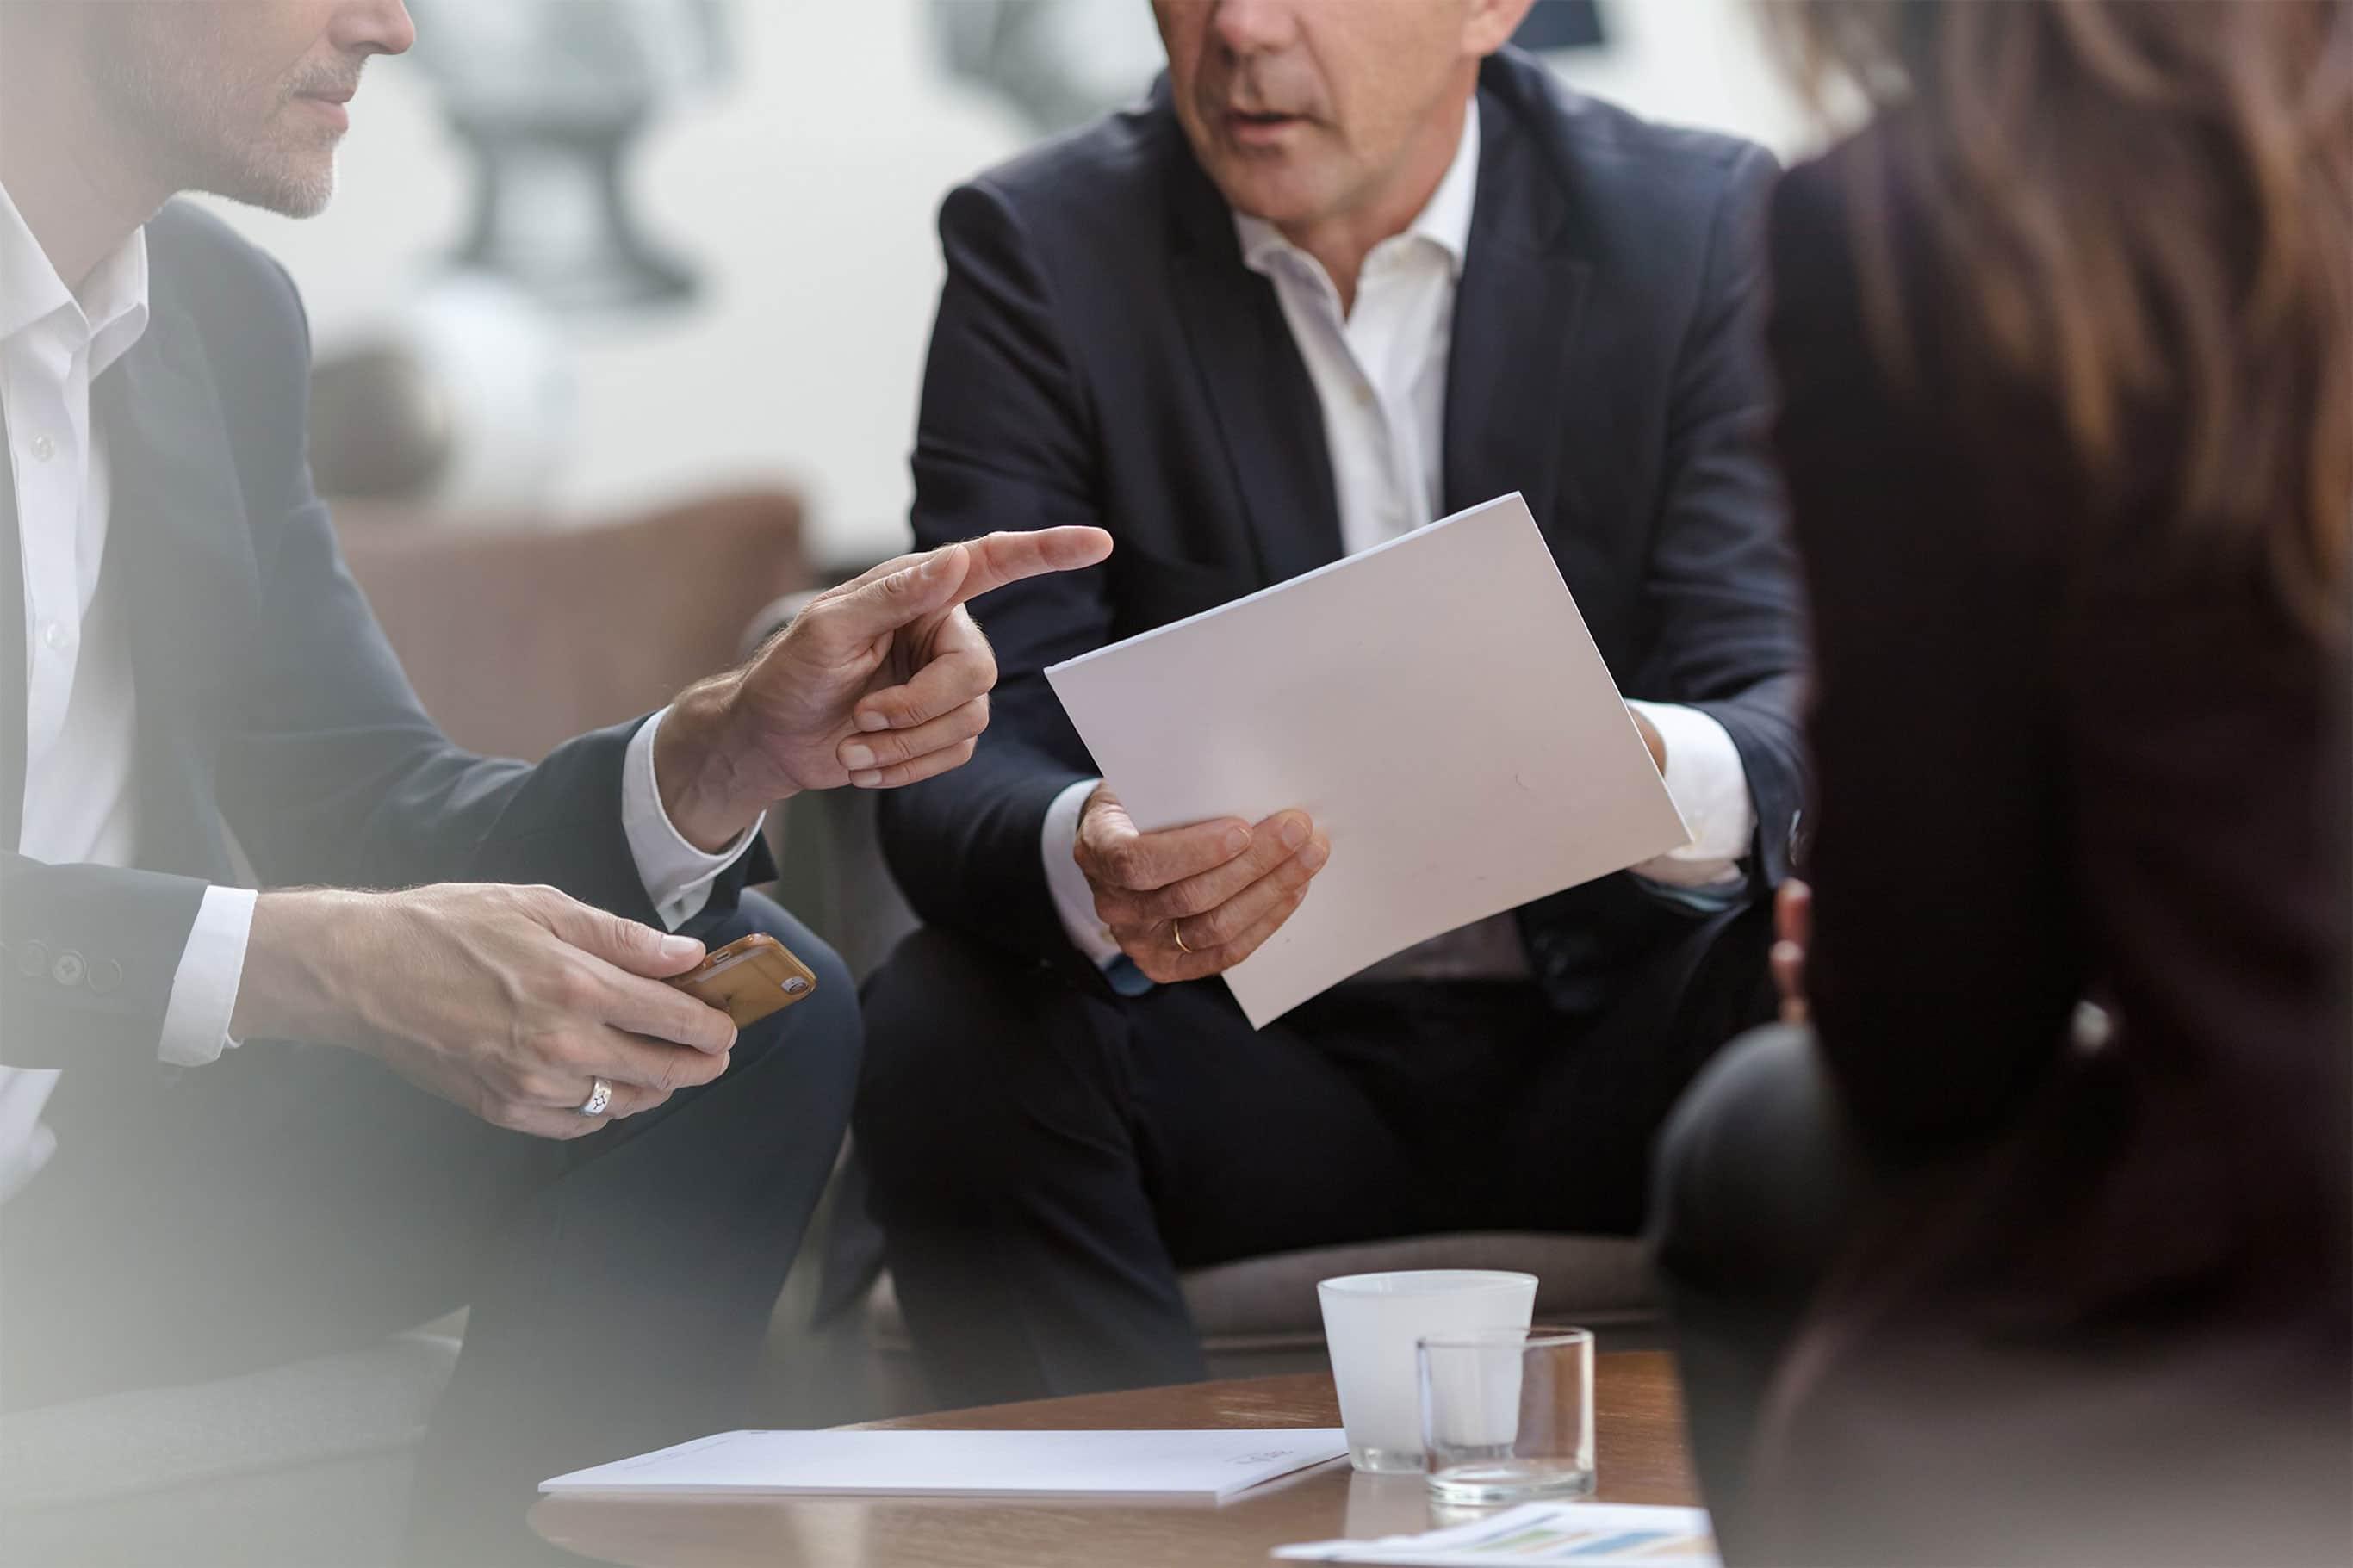 Le métier de manager de transition - Choisir son statut